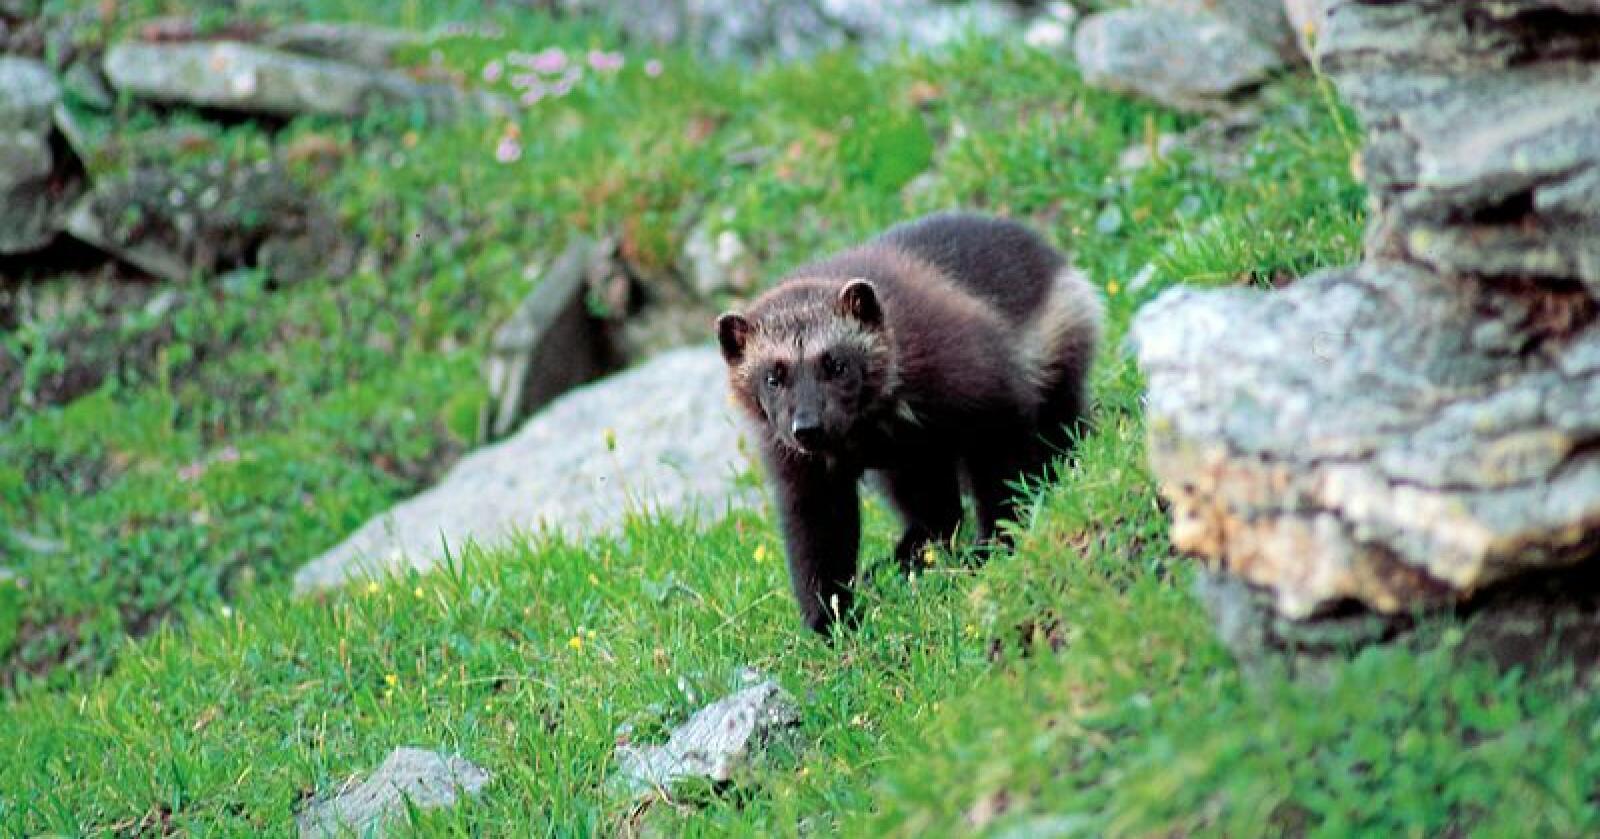 Jerven er det rovdyret som står bak flest av de erstattede tapene av beitedyr i Norge. Foto: Roy Andersen/Norsk institutt for naturforskning (CC BY 4.0)